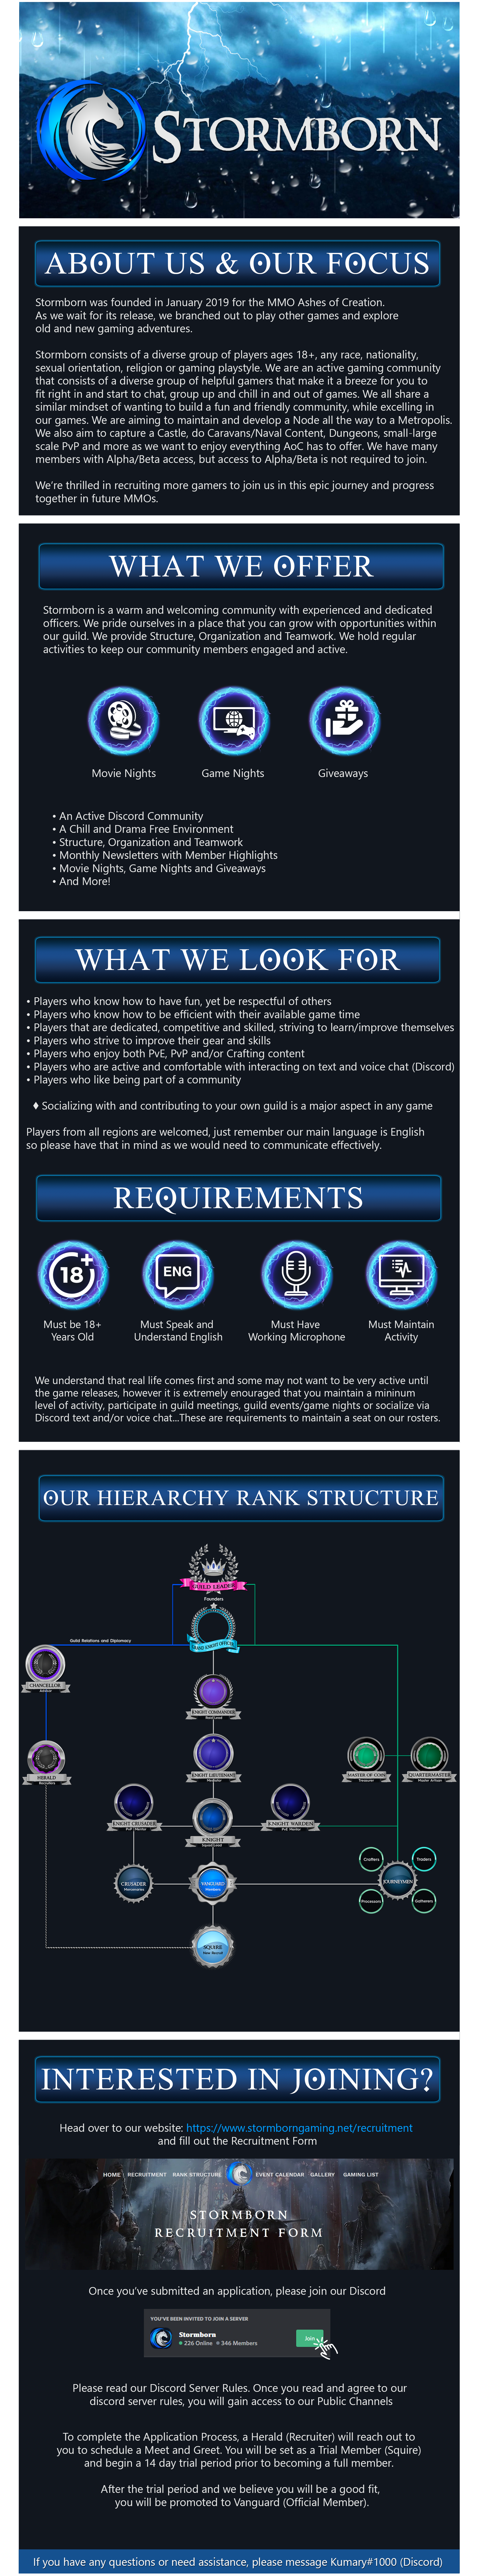 Stormborn_Recruitment.png